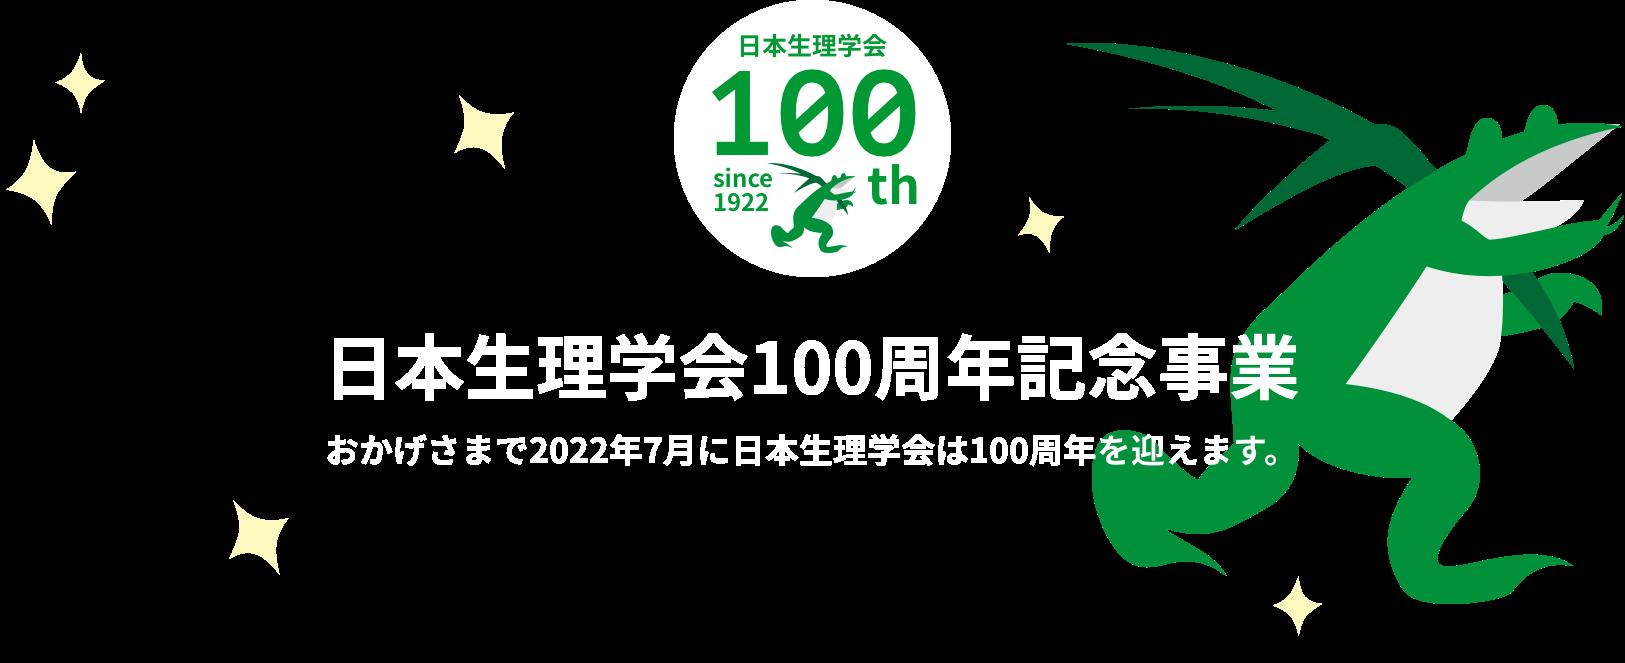 100周年記念事業